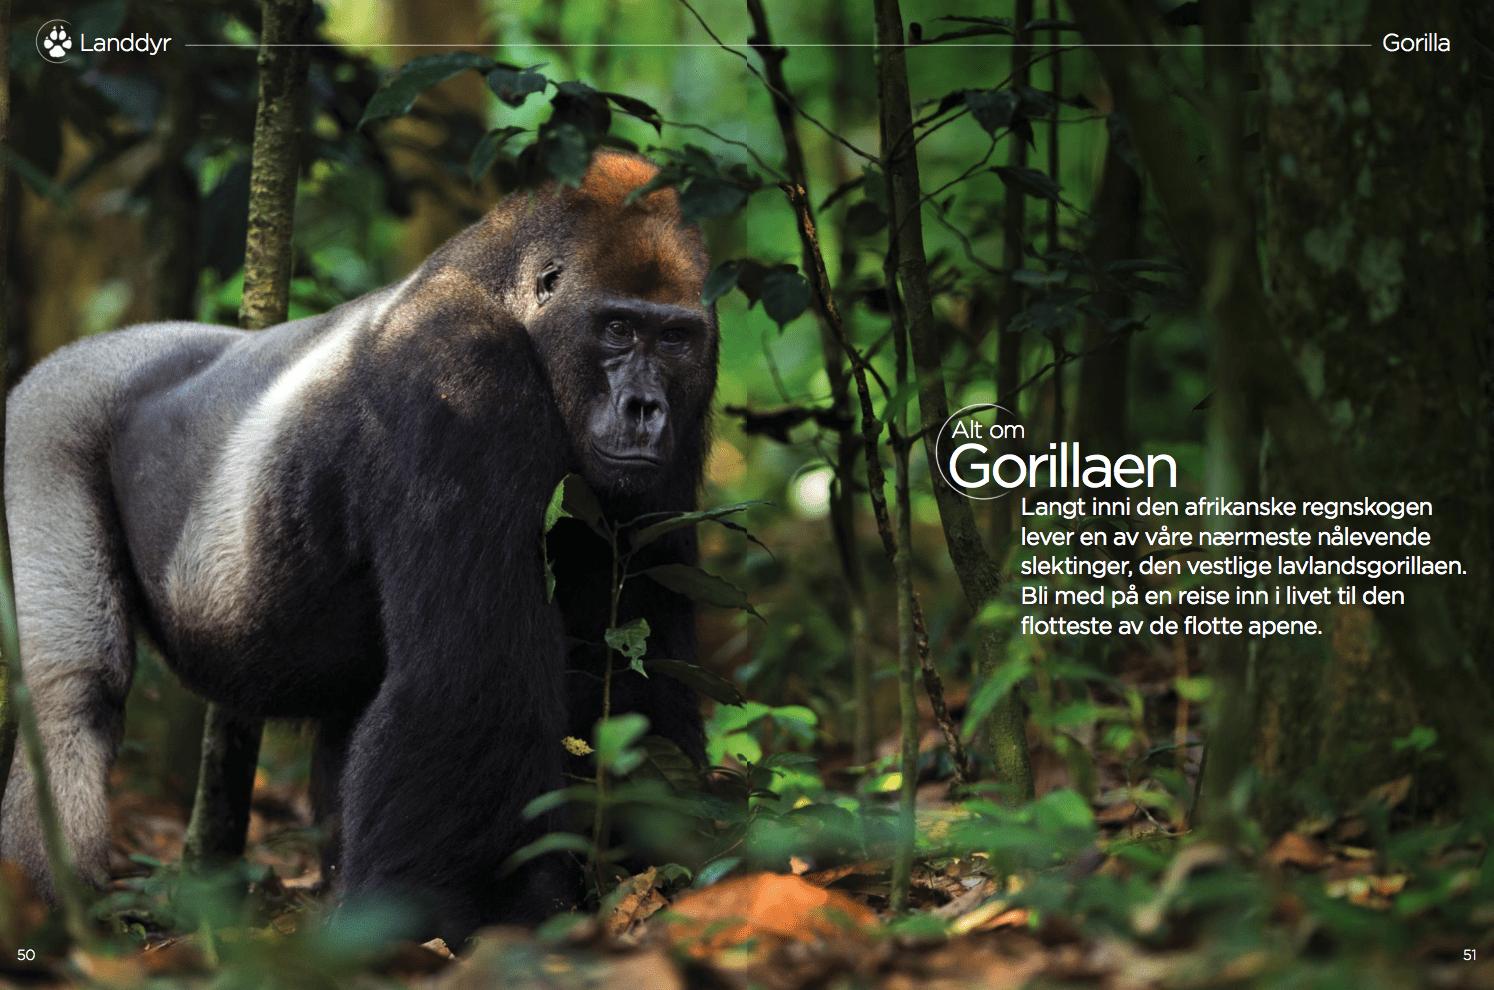 Alt om Gorillaen, oppslag